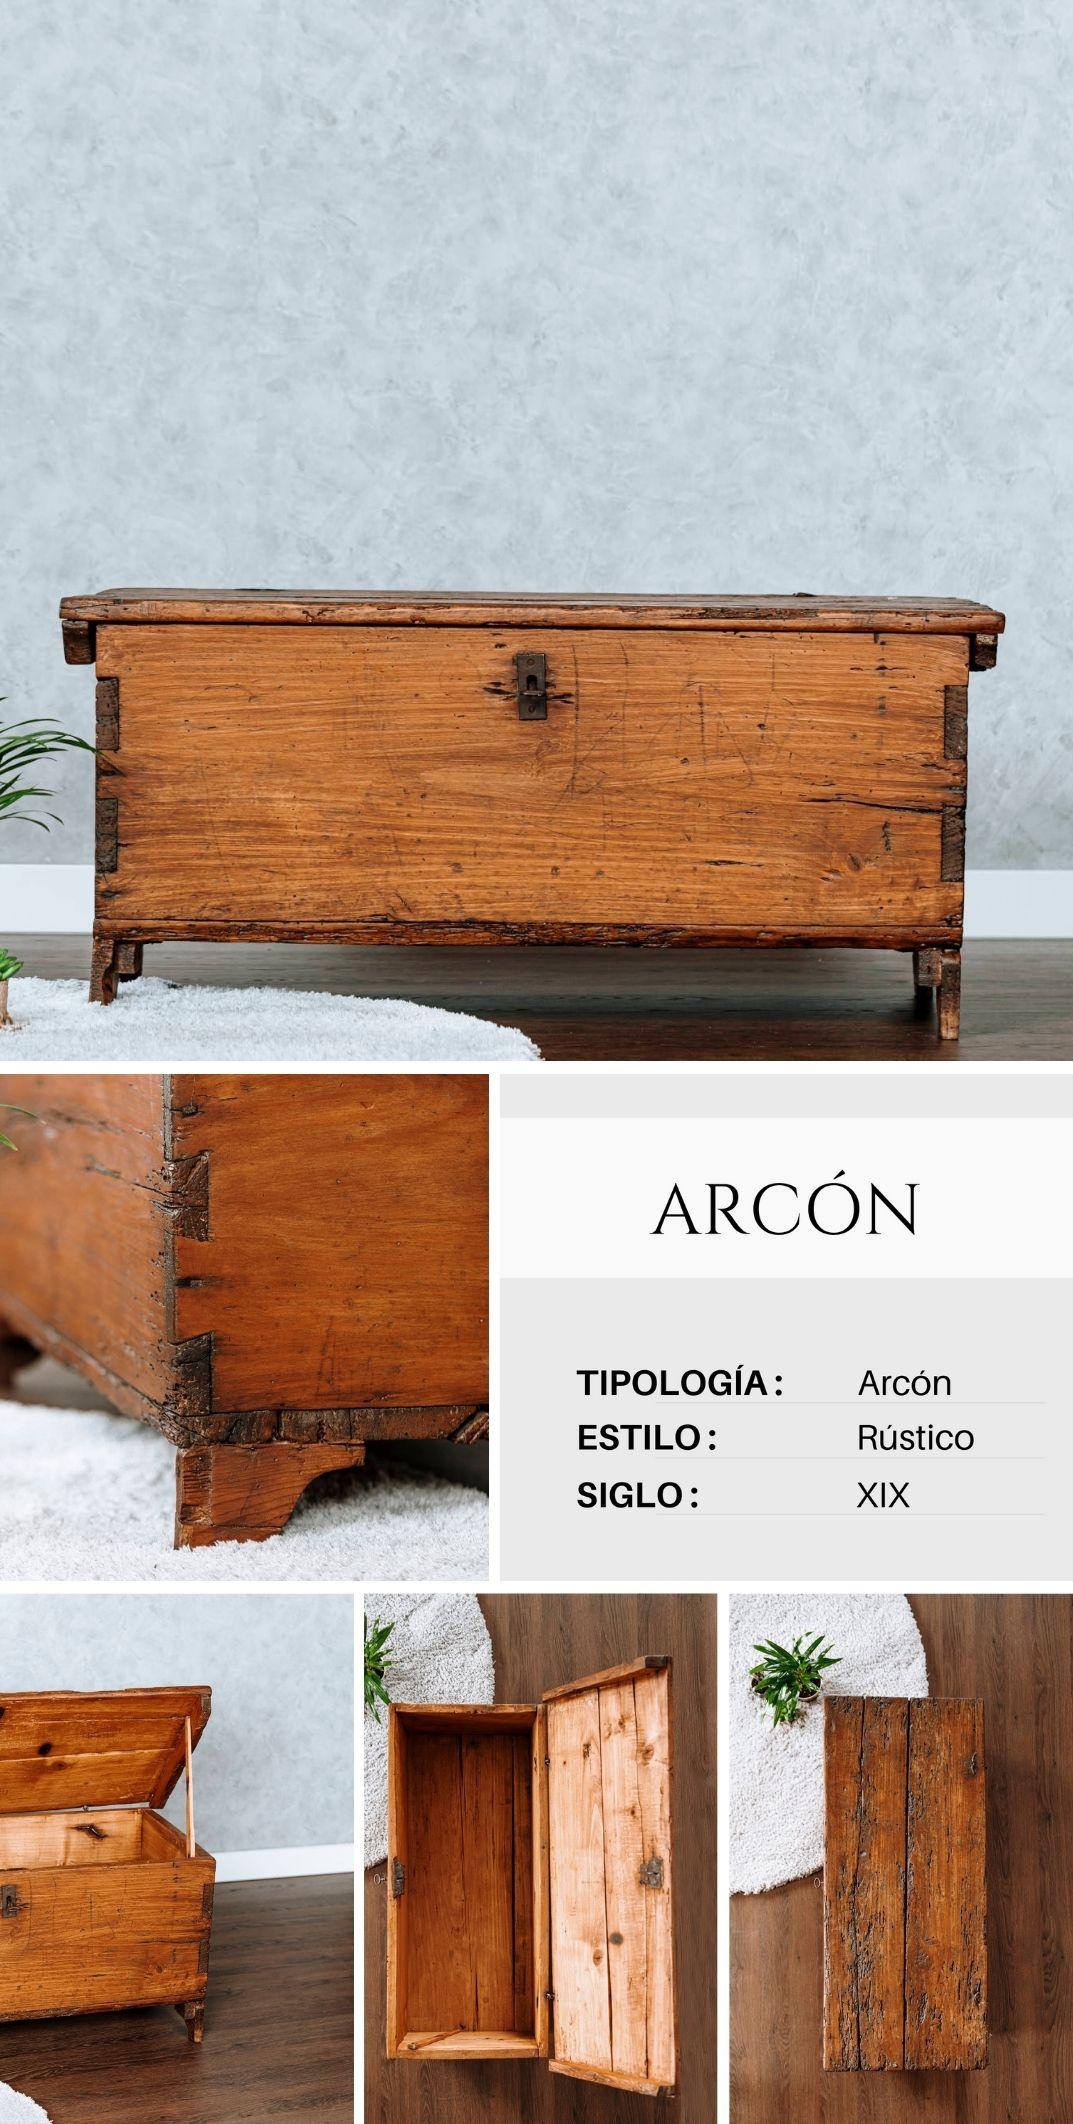 COLECCIÓN AMONA - BR renew. Muebles antiguos renovados por Jesús Ruiz - una segunda oportunidad de existir - ayudando en la economía circular (renovar, reutilizar o reciclar).